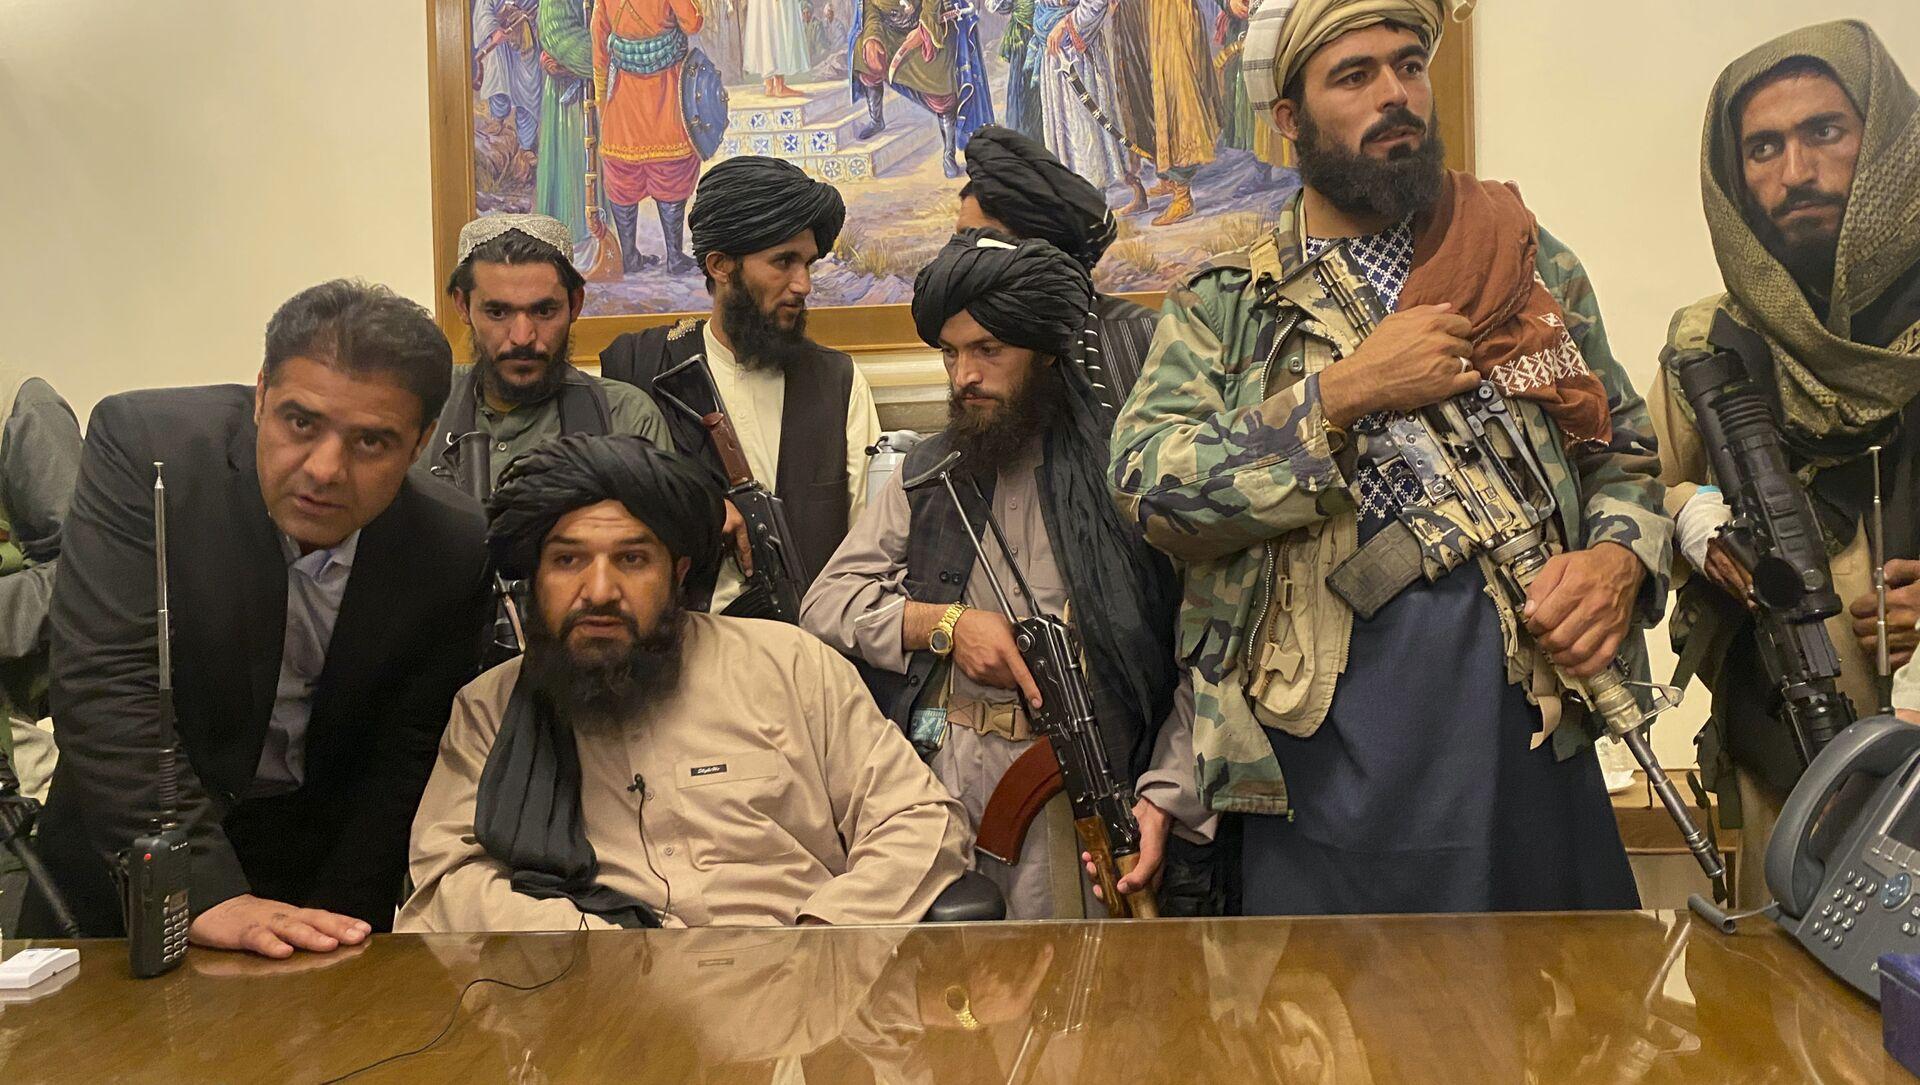 Les talibans au palais présidentiel à Kaboul, le 15 août 2021 - Sputnik France, 1920, 18.08.2021